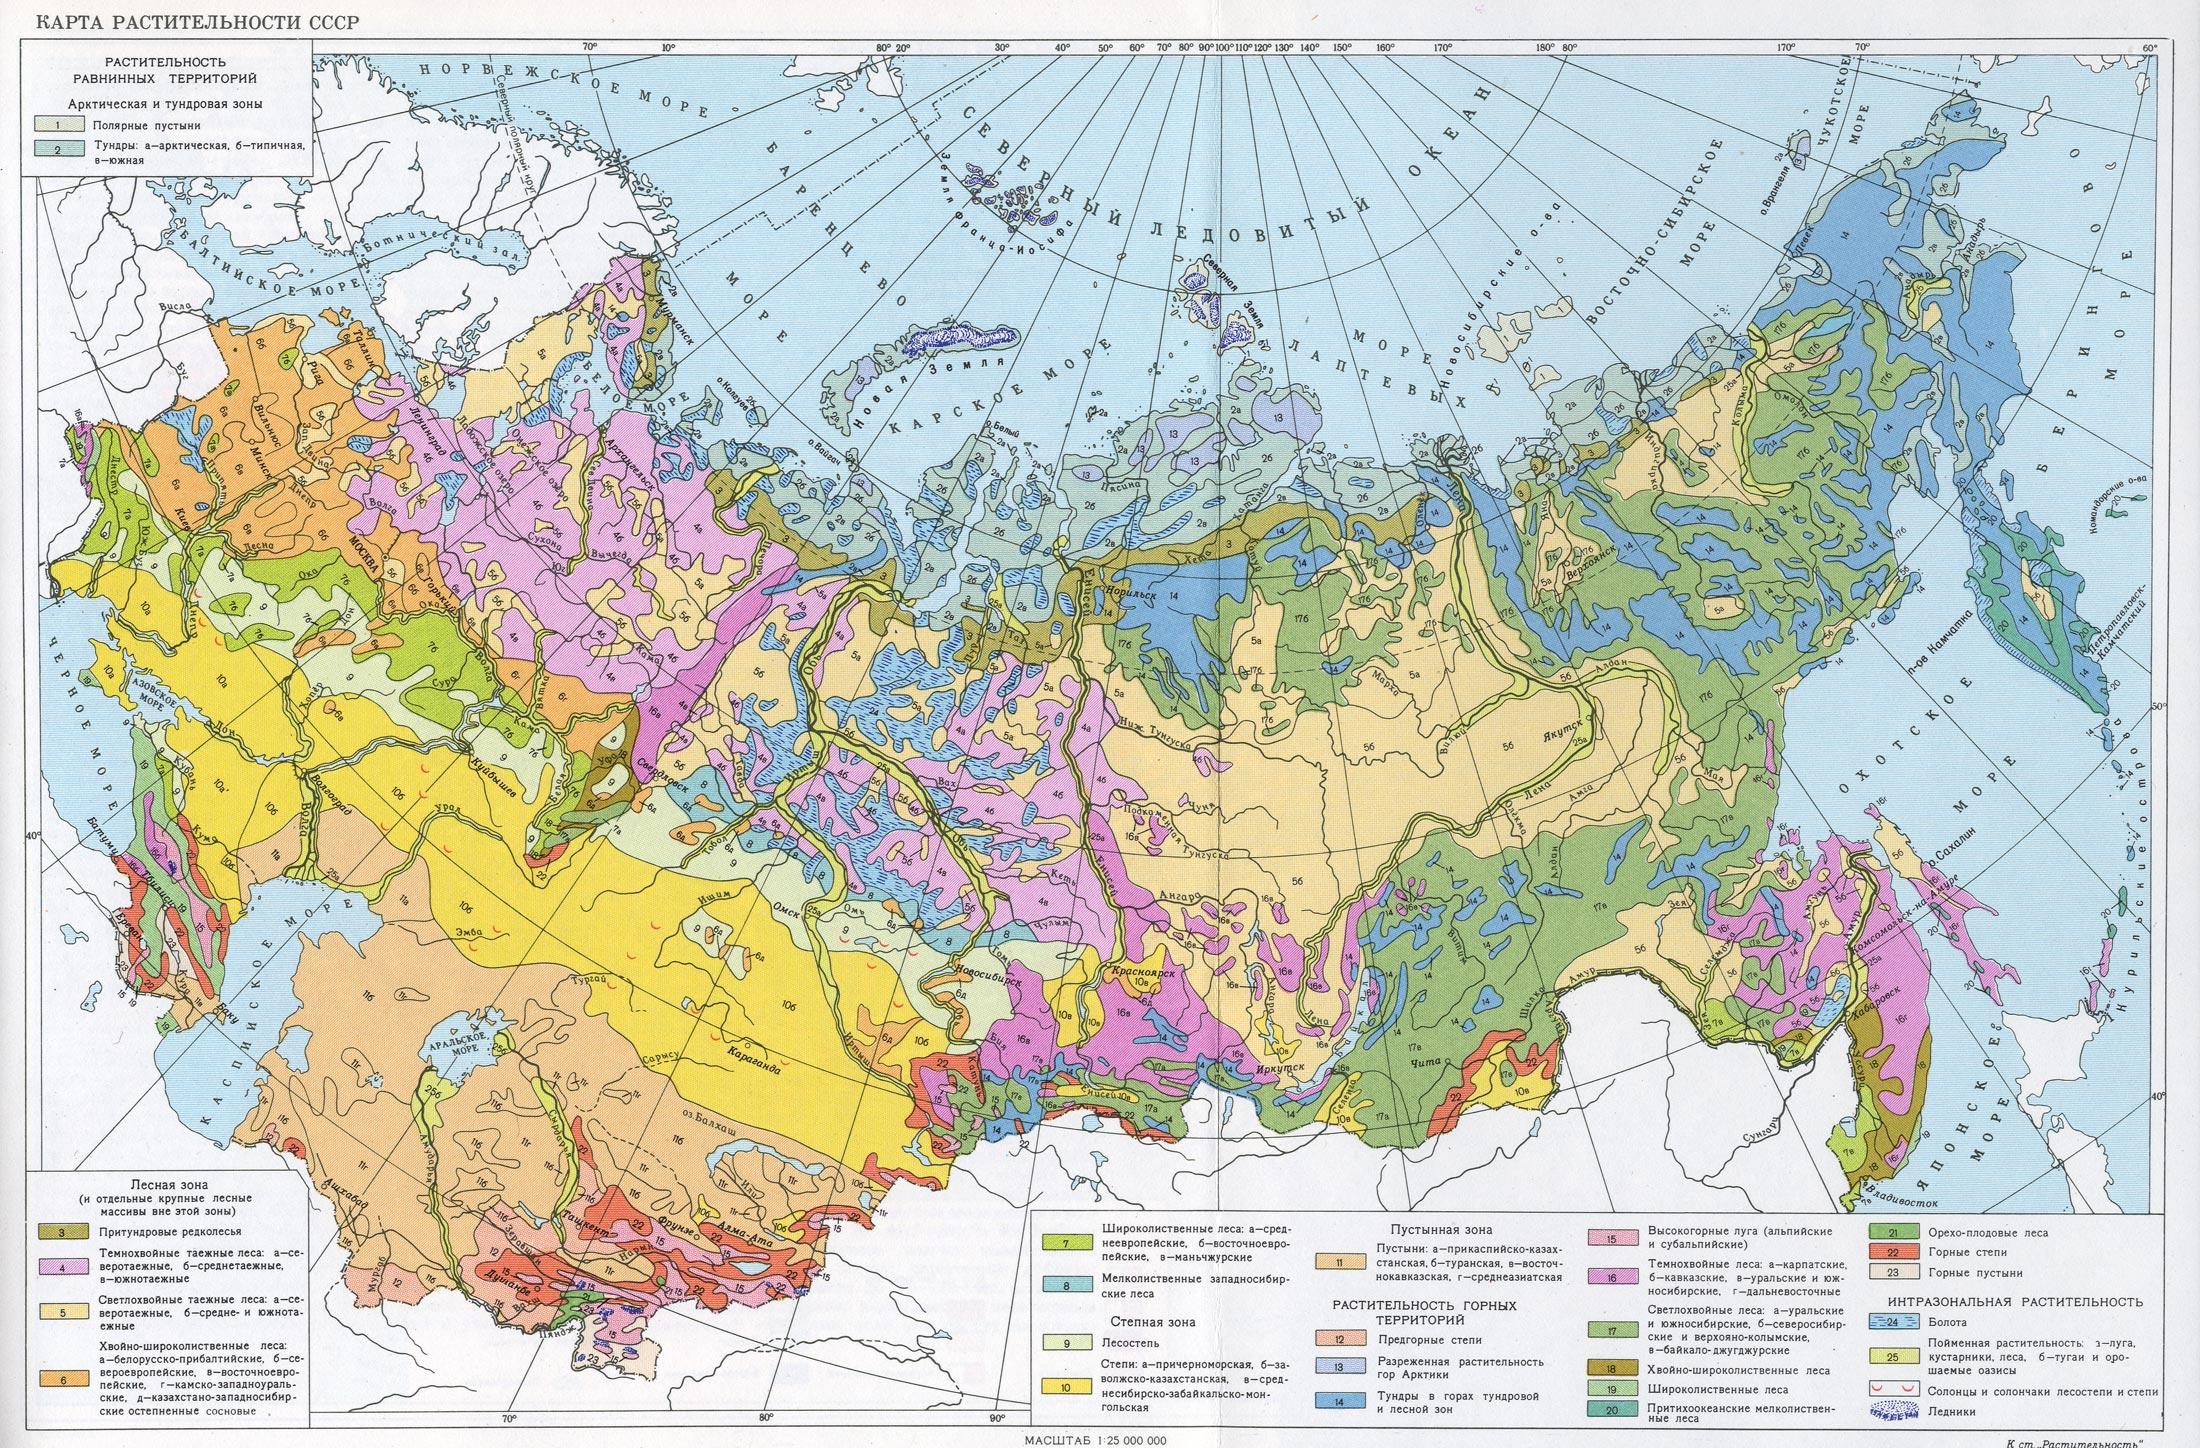 Карта растительности СССР.: dendrology.ru/forest/item/f00/s00/e0000159/index.shtml